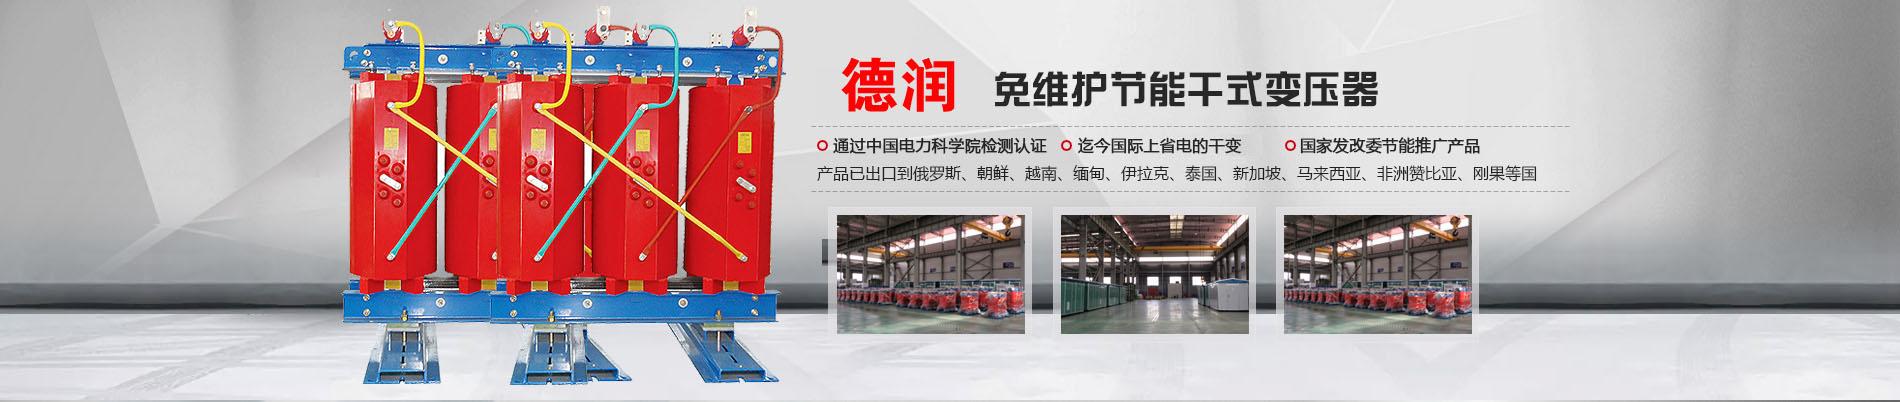 龙岩干式变压器厂家